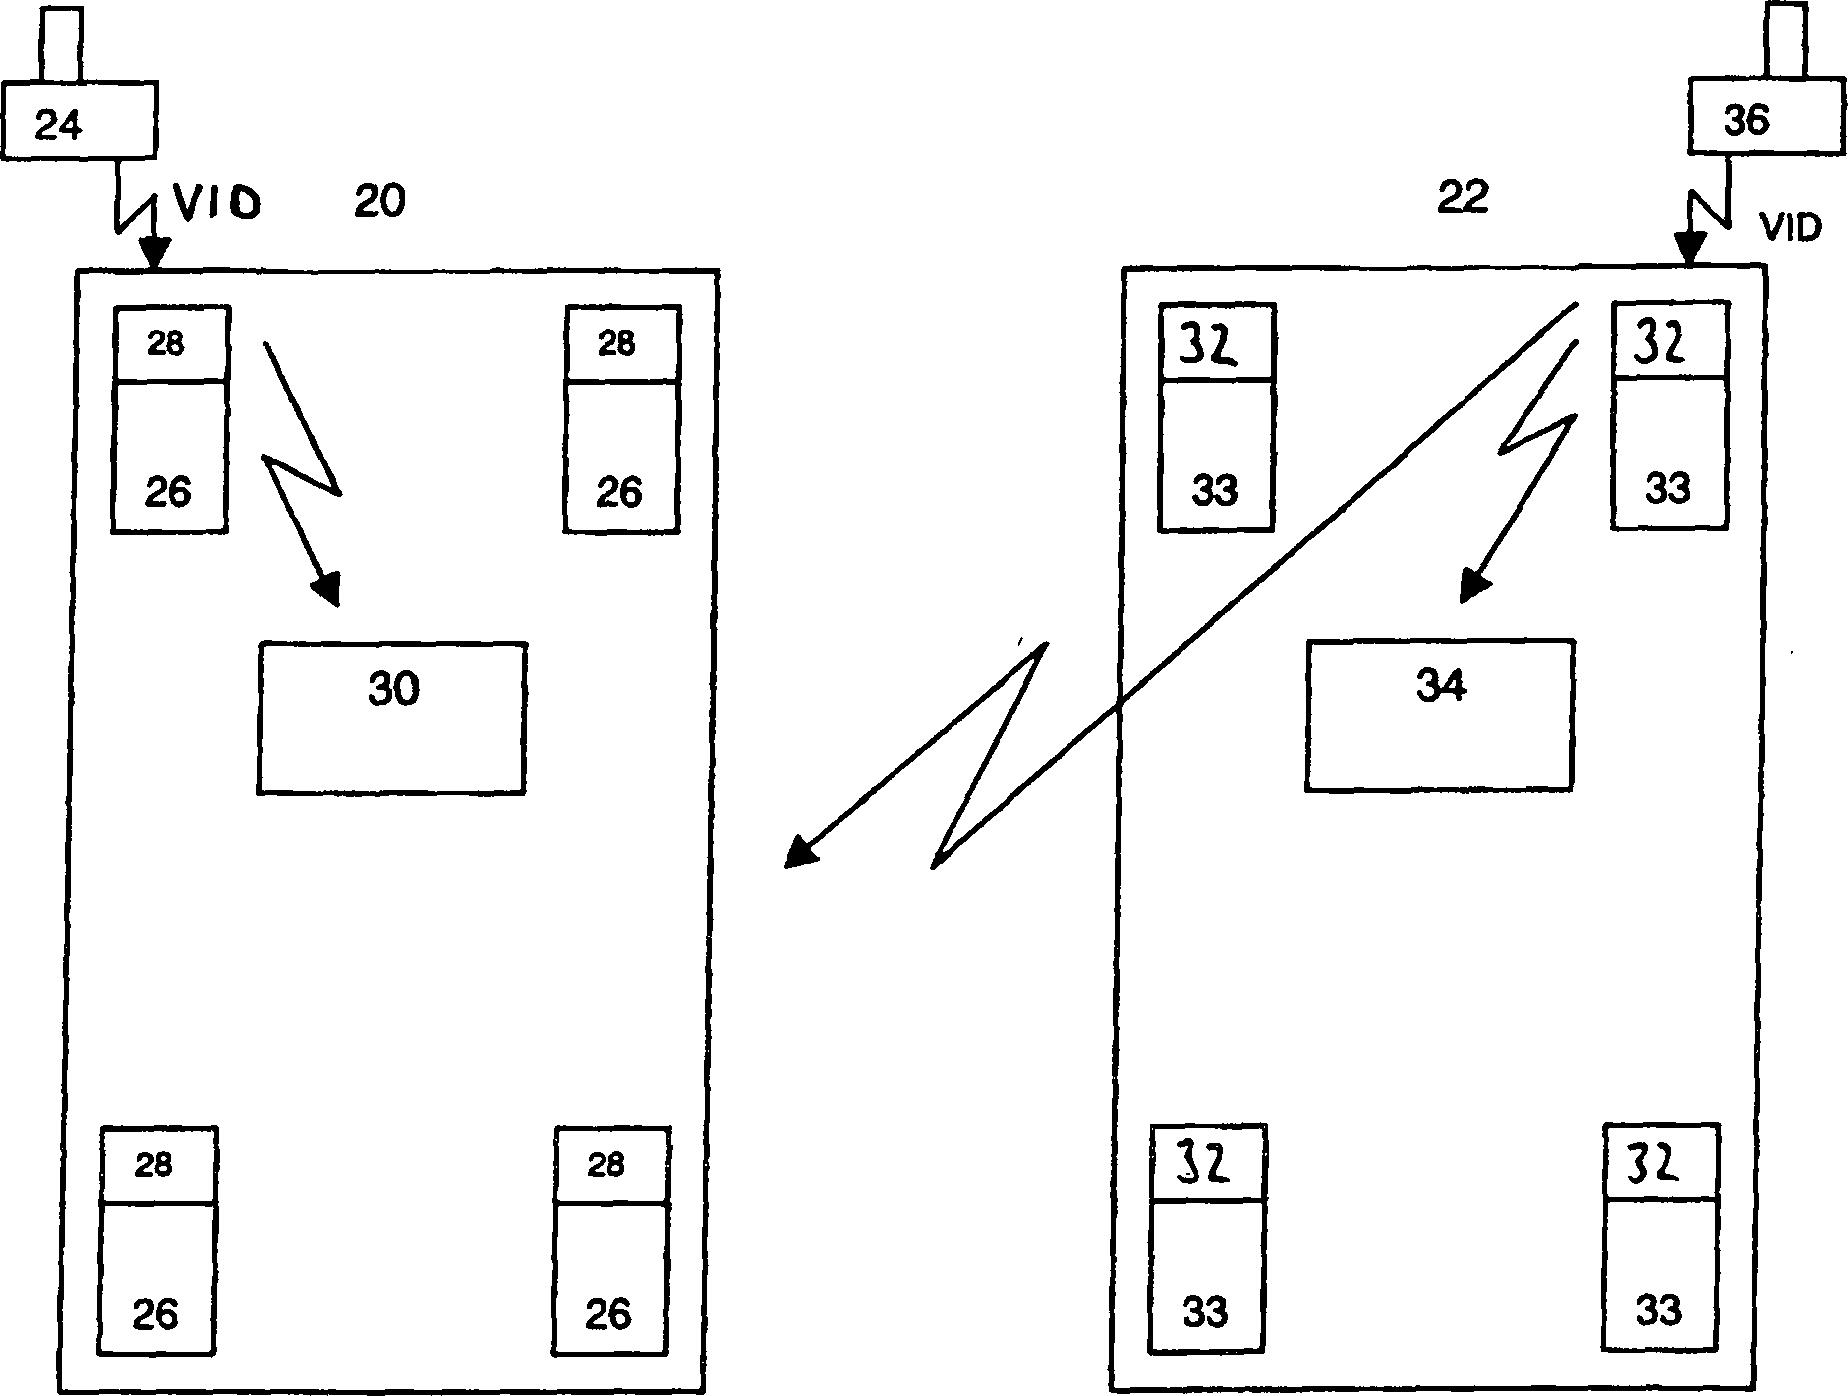 Figure DE000010392355B4_0001